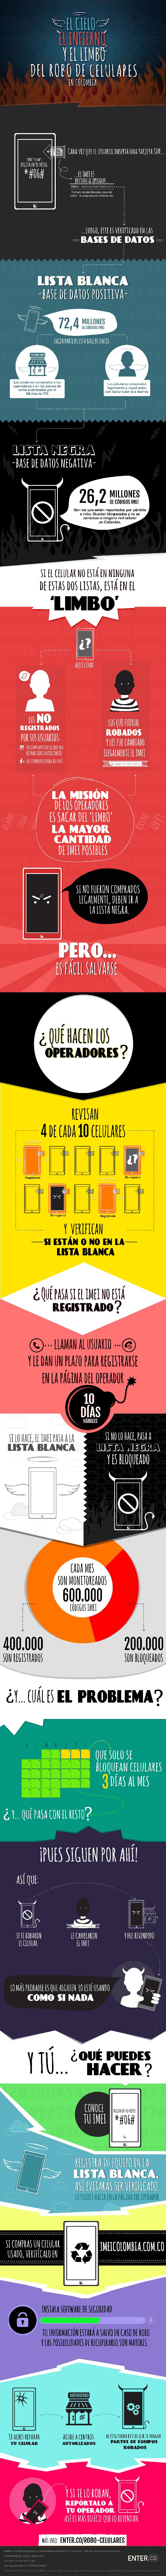 robo _celulares_infografia_segured